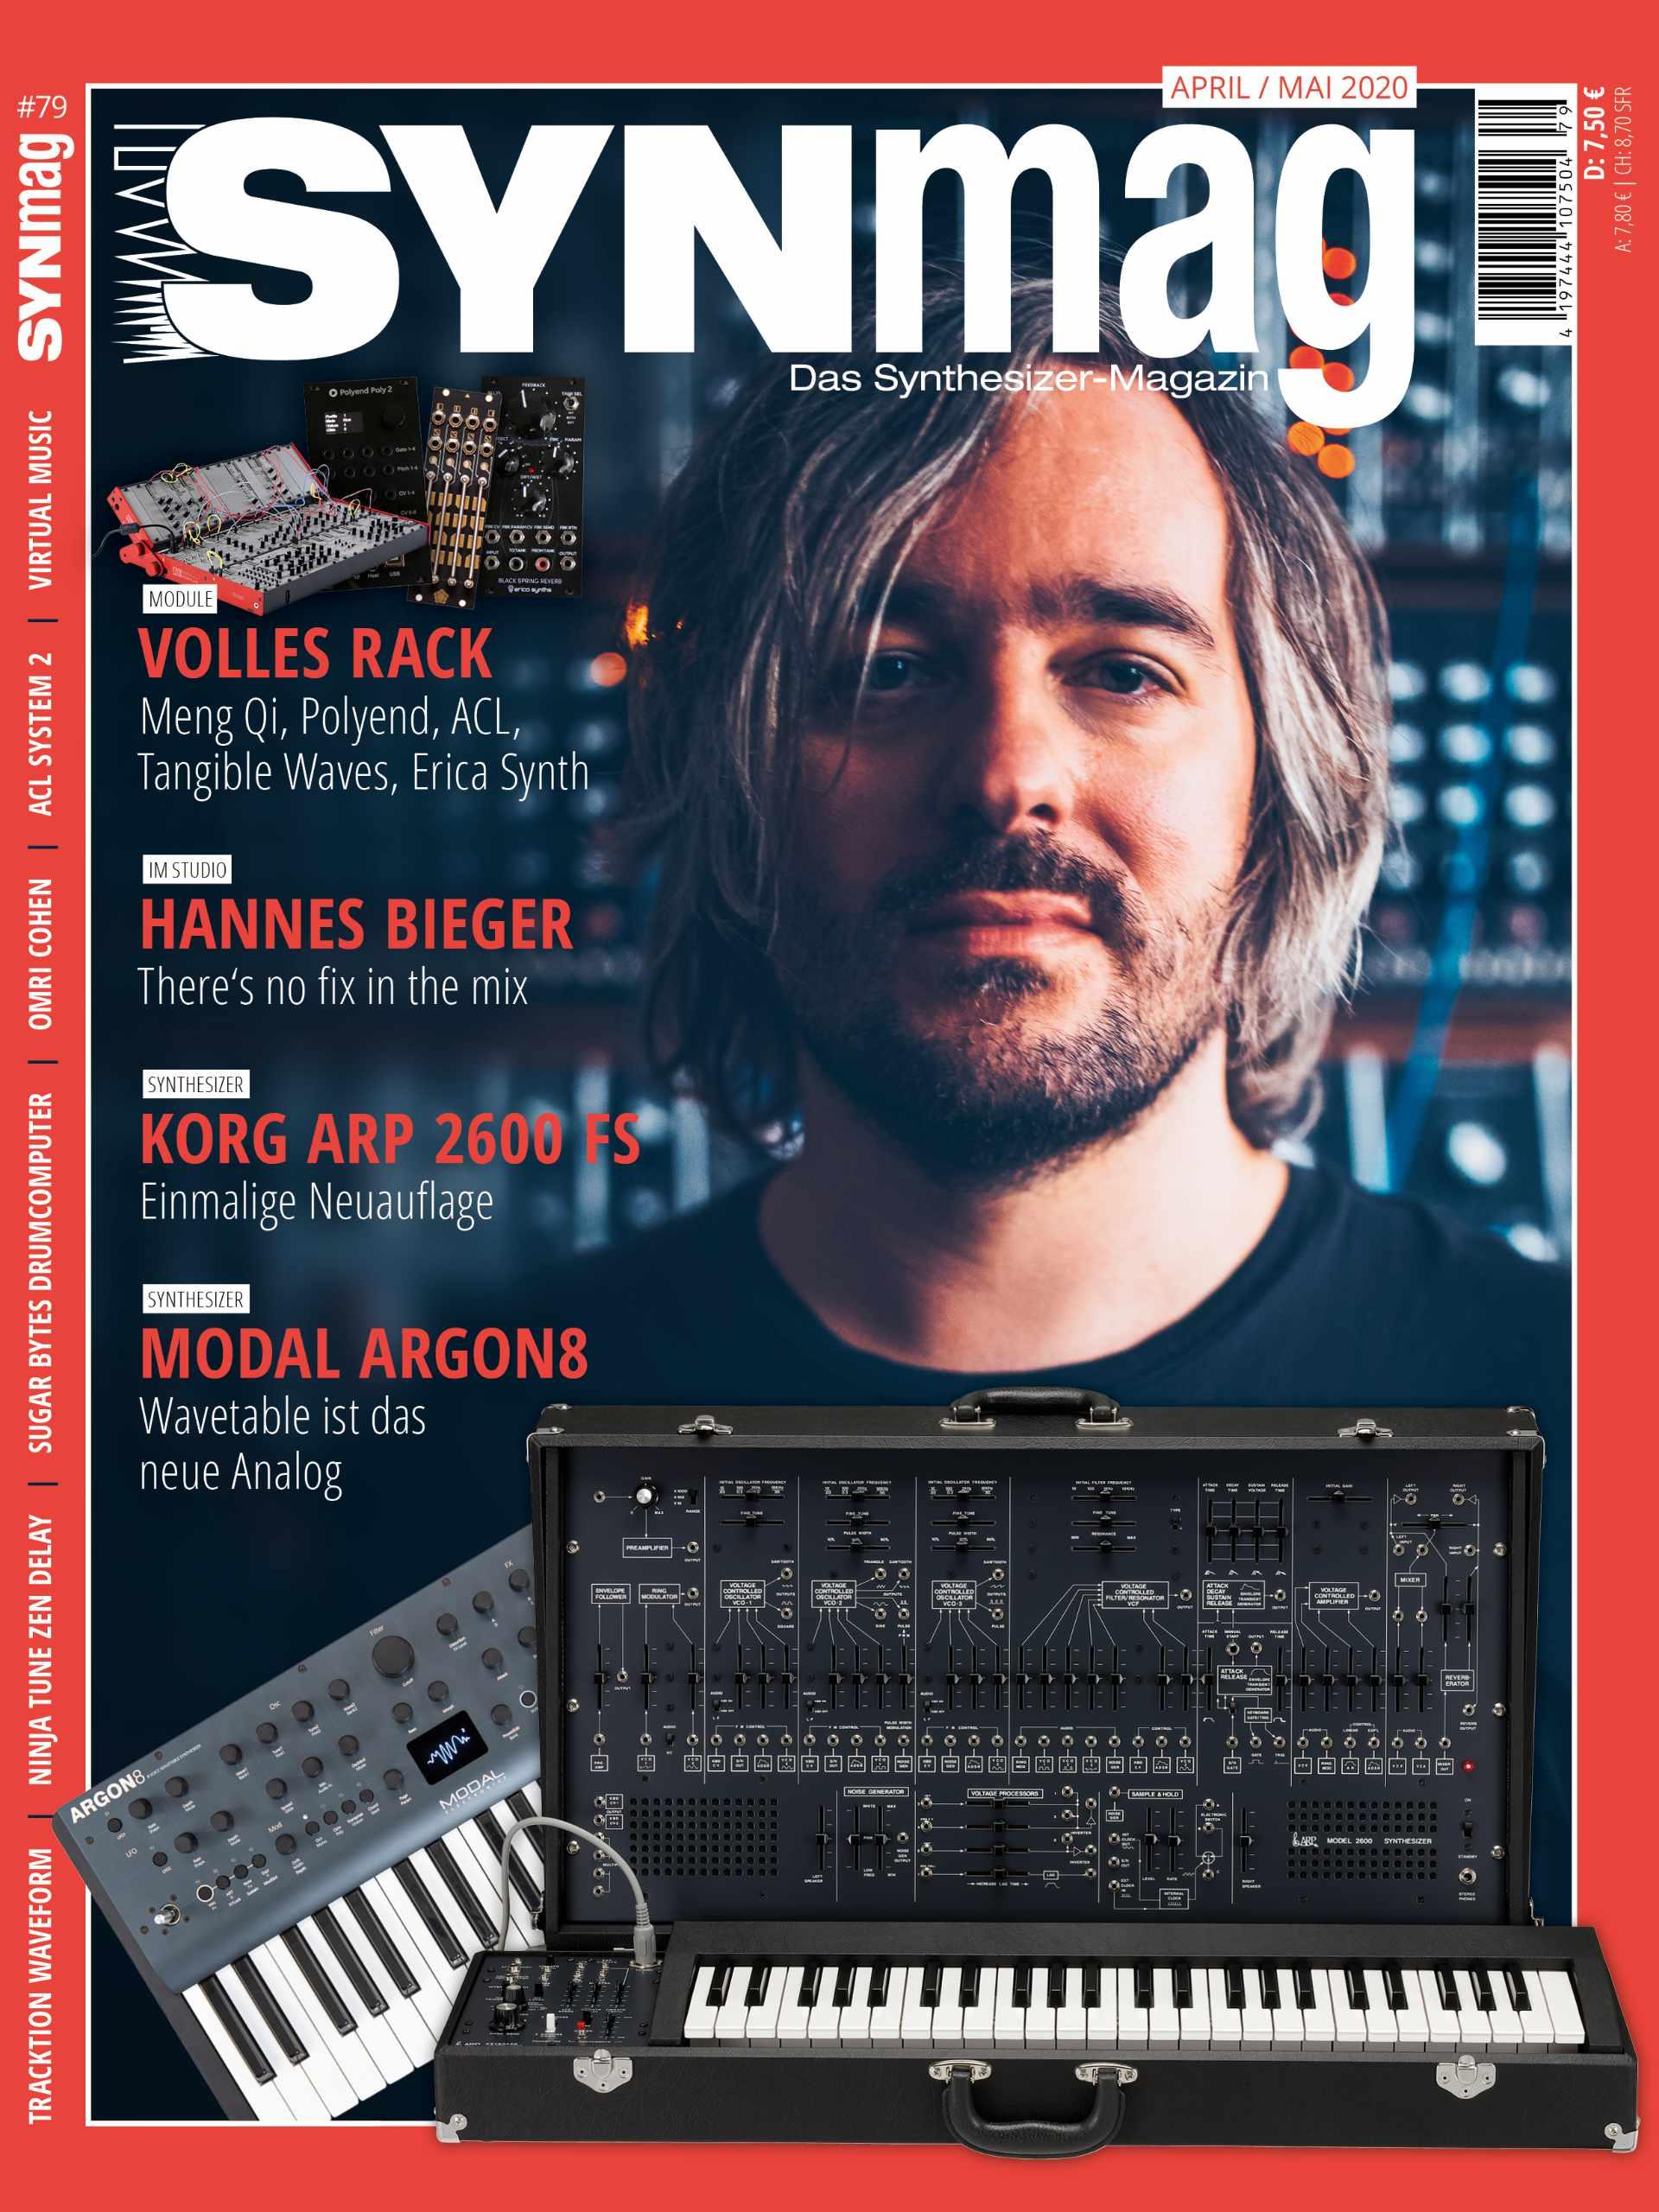 SynMag 79 - Das Synthesizer-Magazin